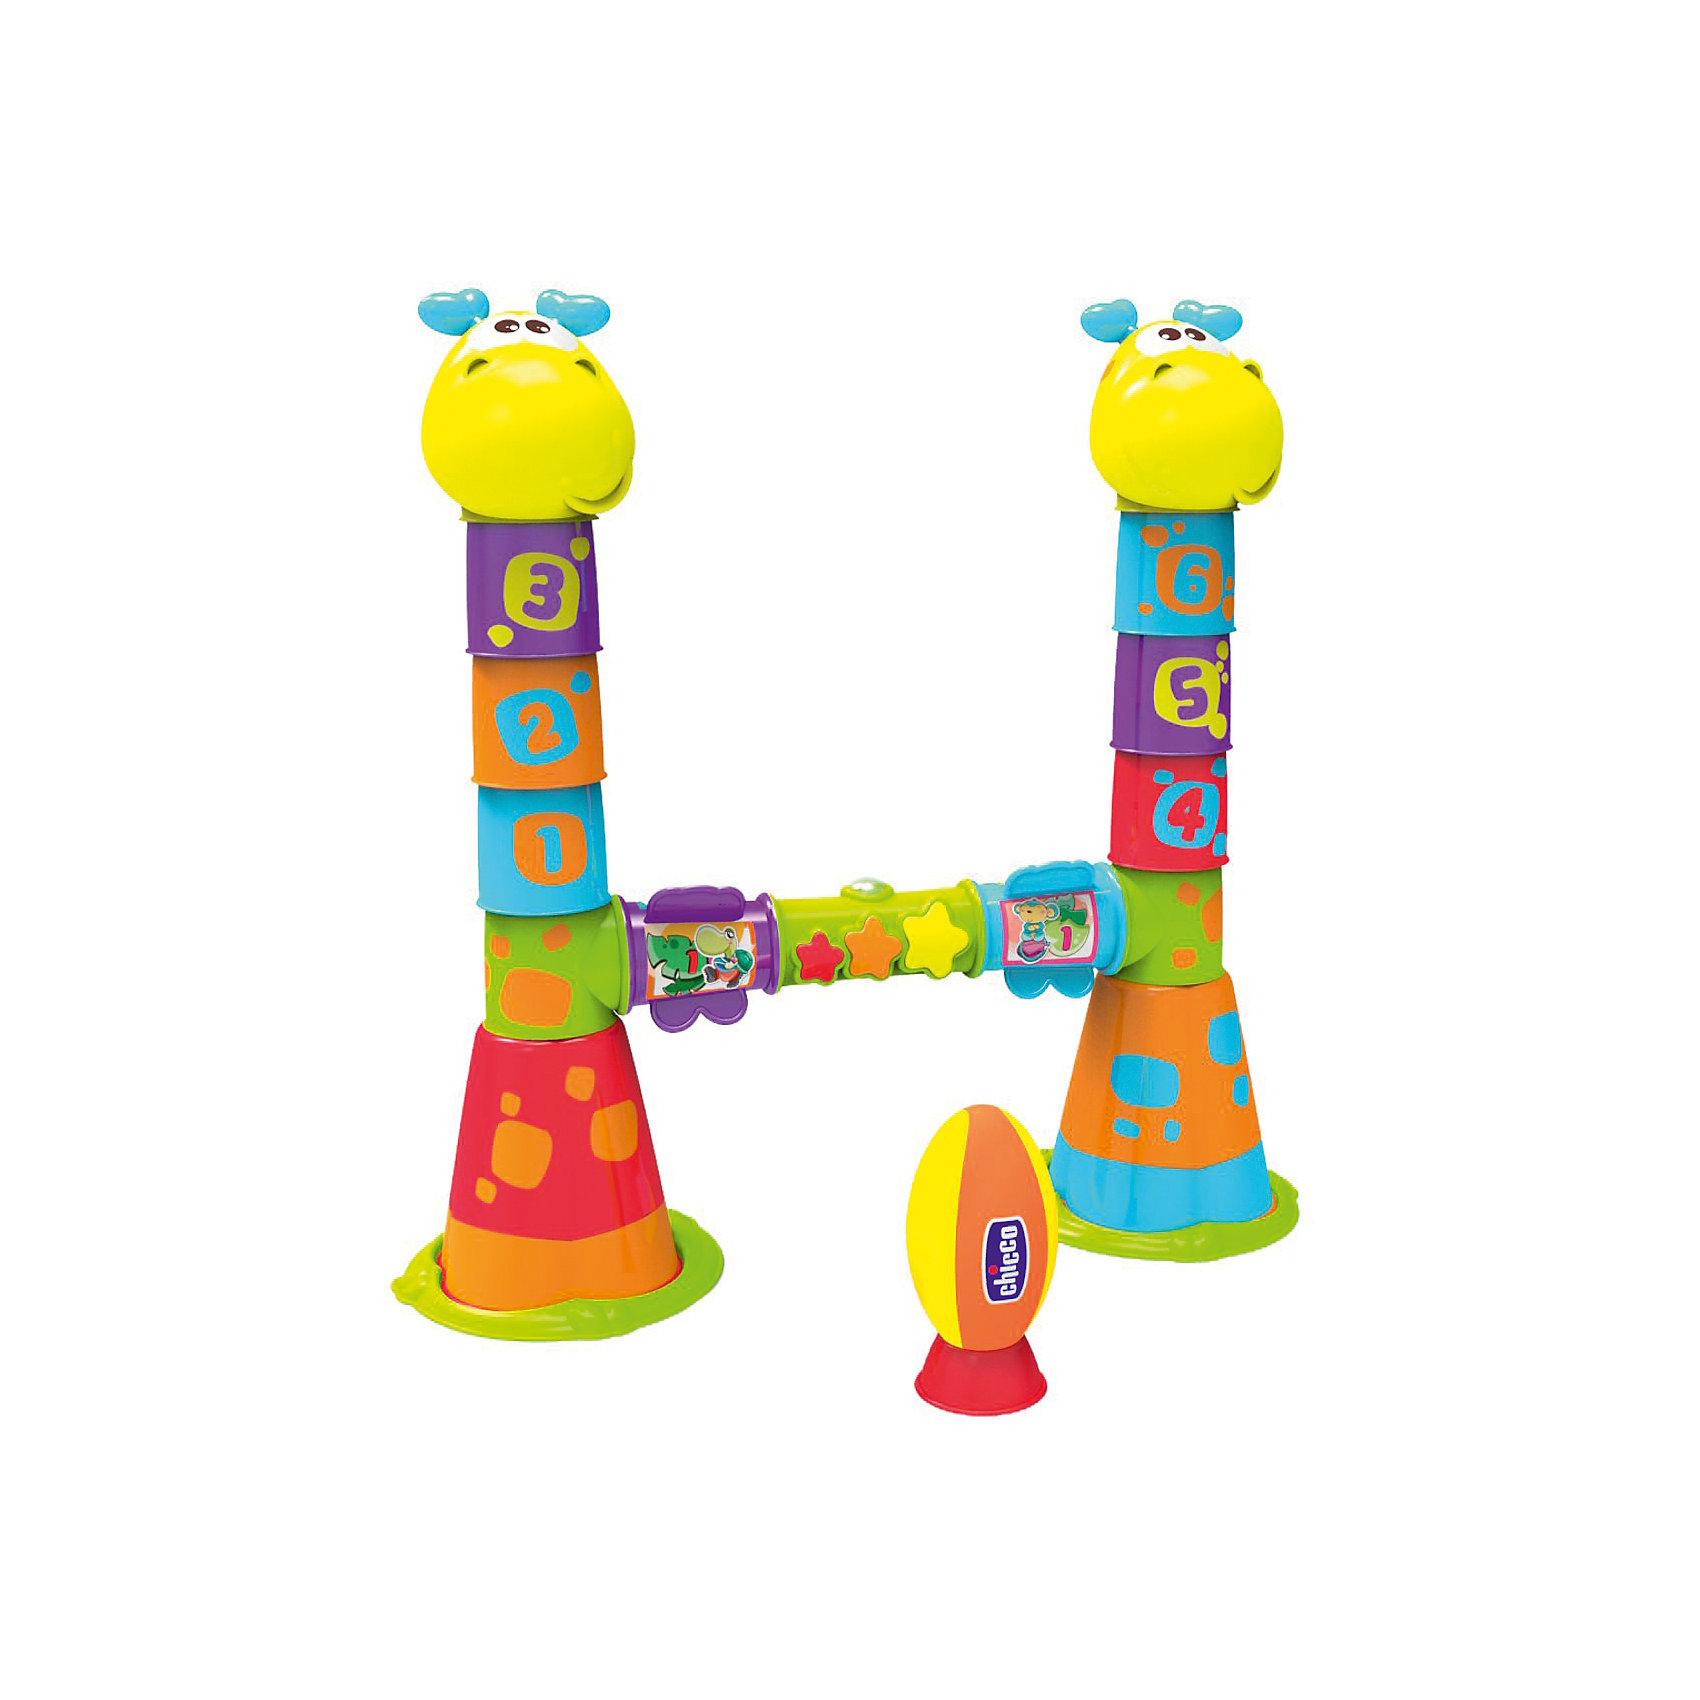 Игровой центр Регби Fit&amp;Fun, ChiccoИгровые столики и центры<br>Игровой центр Регби Fit&amp;Fun, Chicco (Чикко).<br><br>Характеристики:<br><br>• Размеры, мм: 565x161x385<br>• Питание: 3 AA.<br>• Количество батареек: 3.<br>• Вес в упаковке, г: 2450.<br>• Цвет: разноцветный.<br><br>Отличная игрушка для активного и динамичного времяпровождения! 3 режима игры: - построй башню! - пройди полосу препятствий: тренируйся, чтобы стать чемпионом! - играй в регби! Вы можете провести настоящие соревнования по регби! Детки бегают, тренируются, а главное, учатся работать в команде. Когда они забивают голы, активируются световые и звуковые эффекты. Табло, расположенное на перекладине, поможет вести счет и быть честными судьями. Встречайтесь чаще с друзьями и их малышами, болейте за свои любимые команды! <br><br>Игровой центр Регби Fit&amp;Fun, Chicco (Чикко), можно купить в нашем интернет – магазине.<br><br>Ширина мм: 560<br>Глубина мм: 175<br>Высота мм: 380<br>Вес г: 2440<br>Возраст от месяцев: 18<br>Возраст до месяцев: 60<br>Пол: Унисекс<br>Возраст: Детский<br>SKU: 5105199